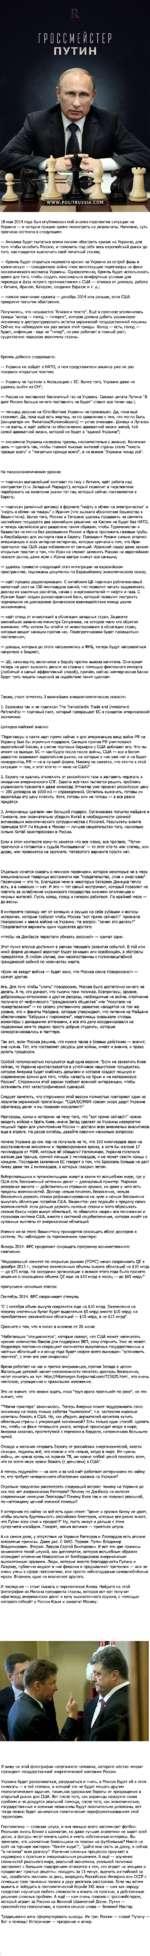 ГРОССМЕЙСТЕР ПУТИН 18 мая 2014 года был опубликован мой анализ перспектив ситуации на Украине — и сегодня пришло время посмотреть на результаты. Напомню, суть прогноза состояла в следующем: — Америка будет пытаться всеми силами обострить кризис на Украине, для того чтобы ослабить Россию, и полож